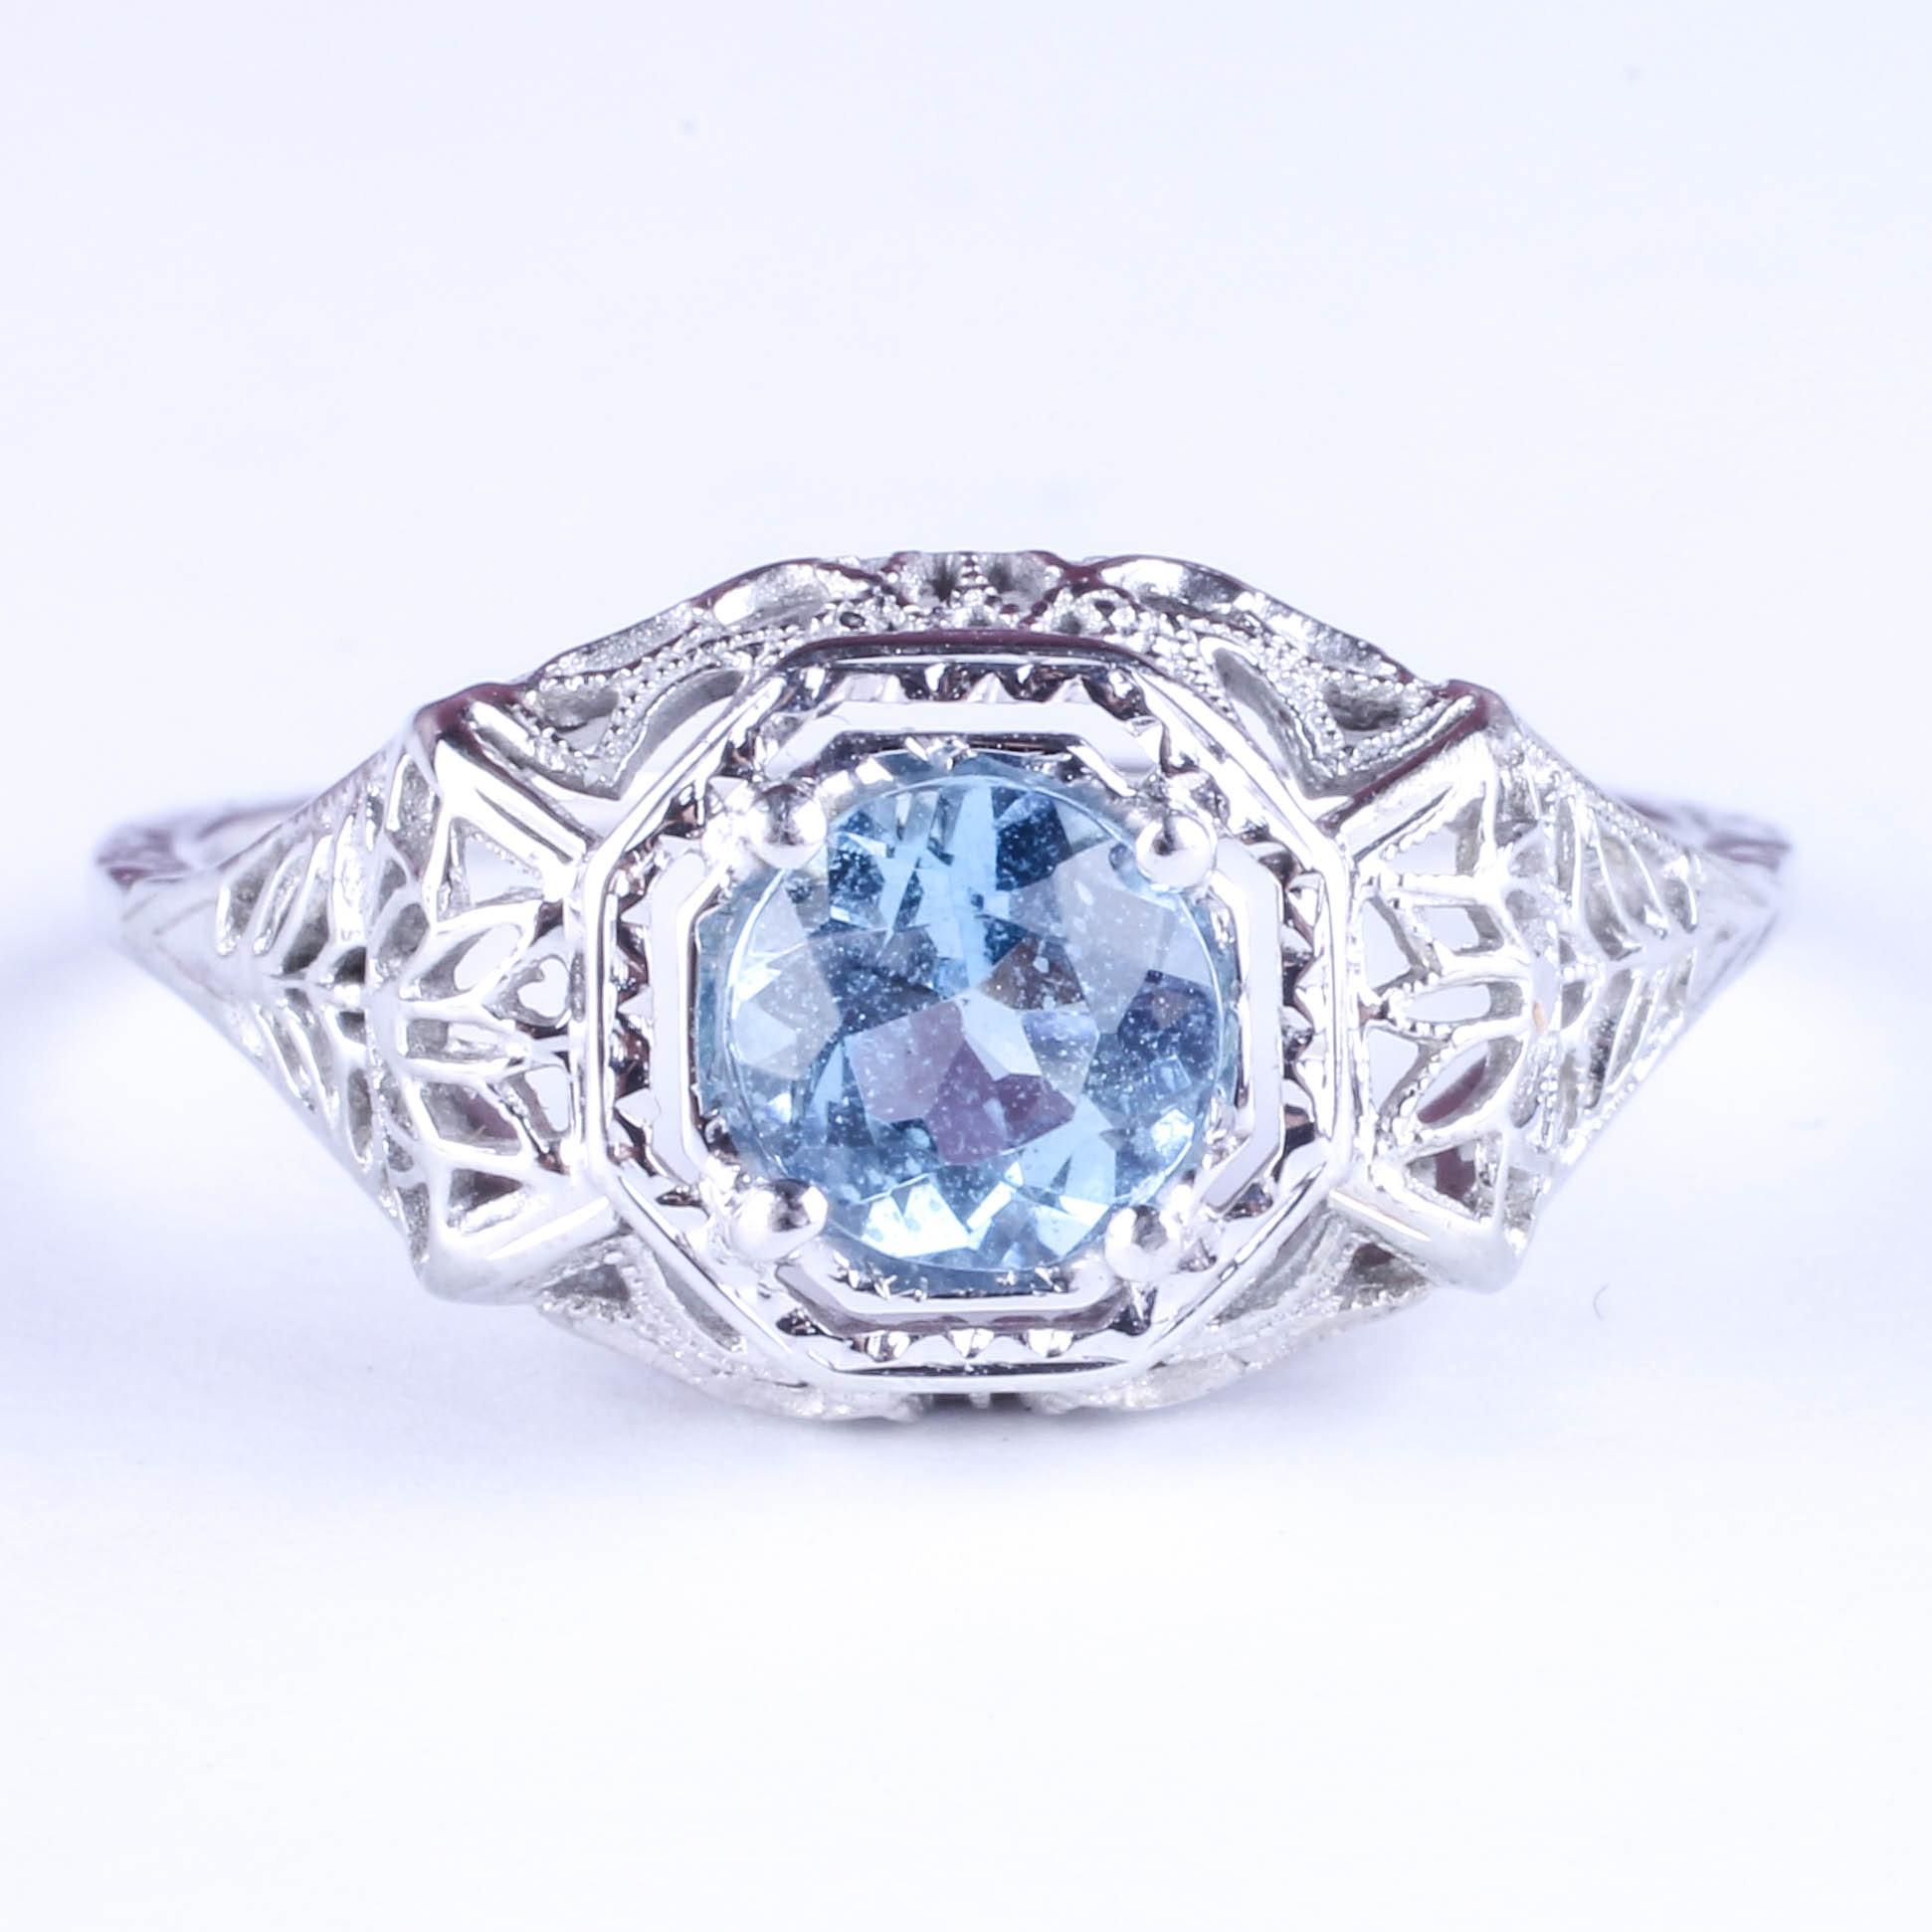 Antique Filigree 14K White Gold and Aquamarine Ring